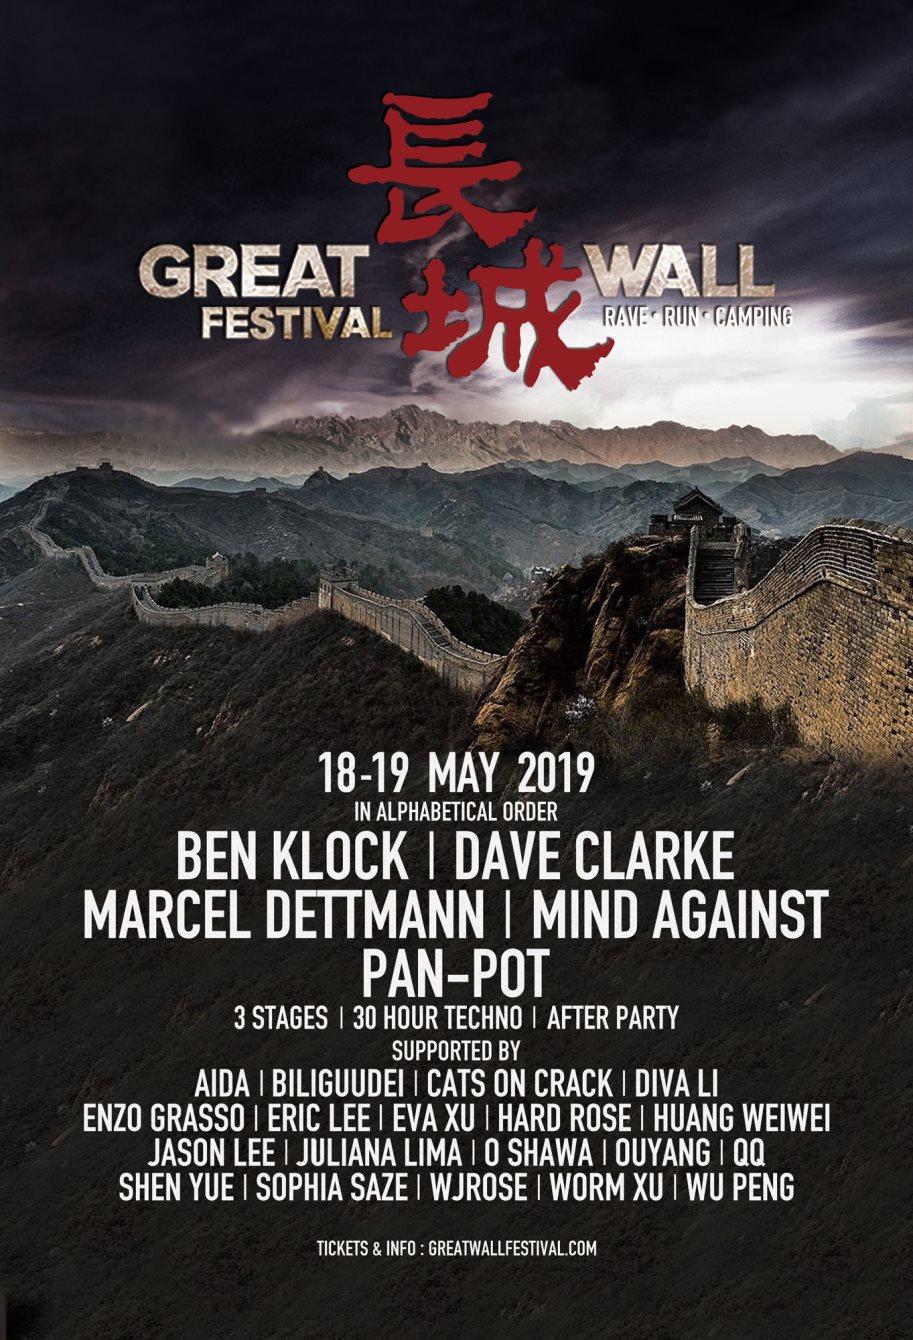 Great Wall Festival 2019 - Flyer back